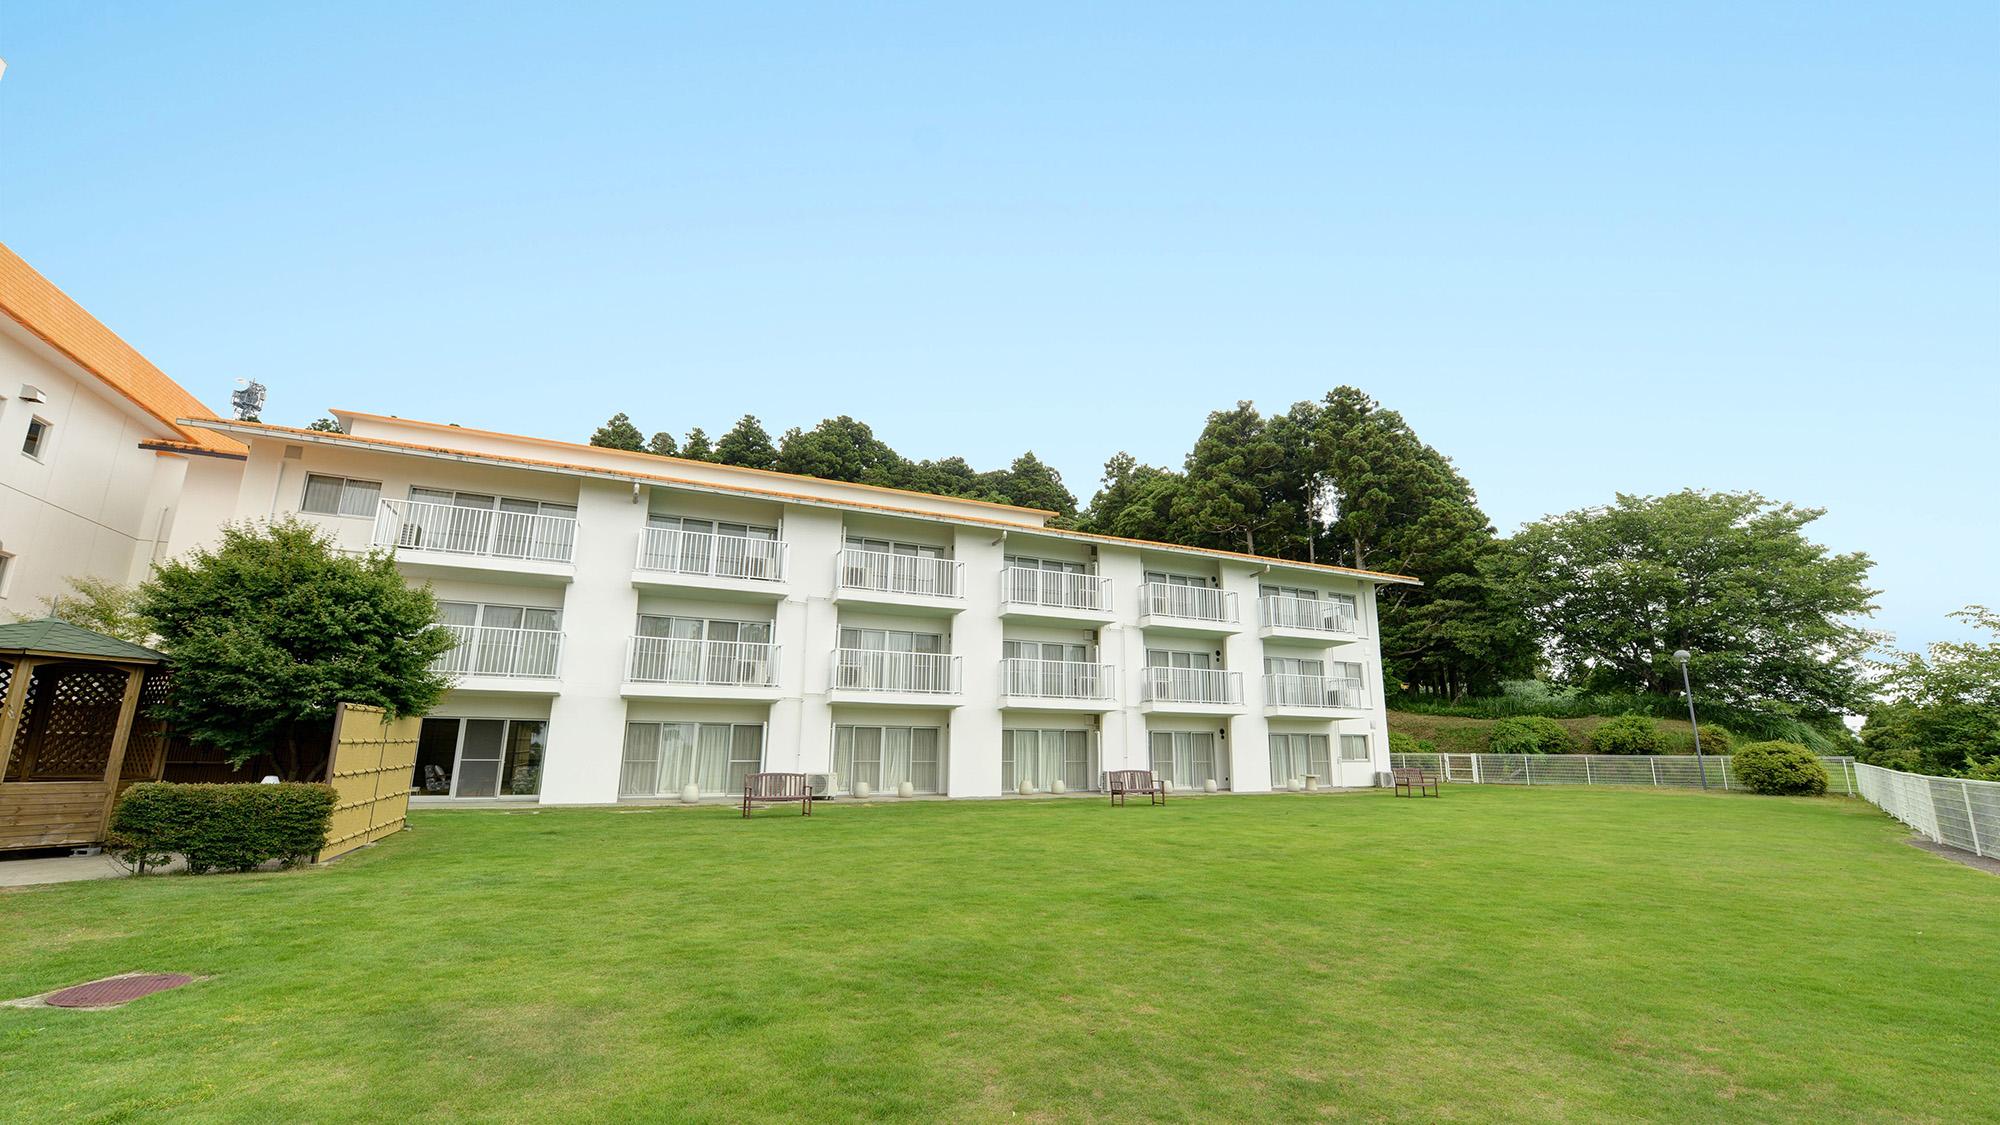 かずさリゾート 鹿野山 ビューホテル◆楽天トラベル